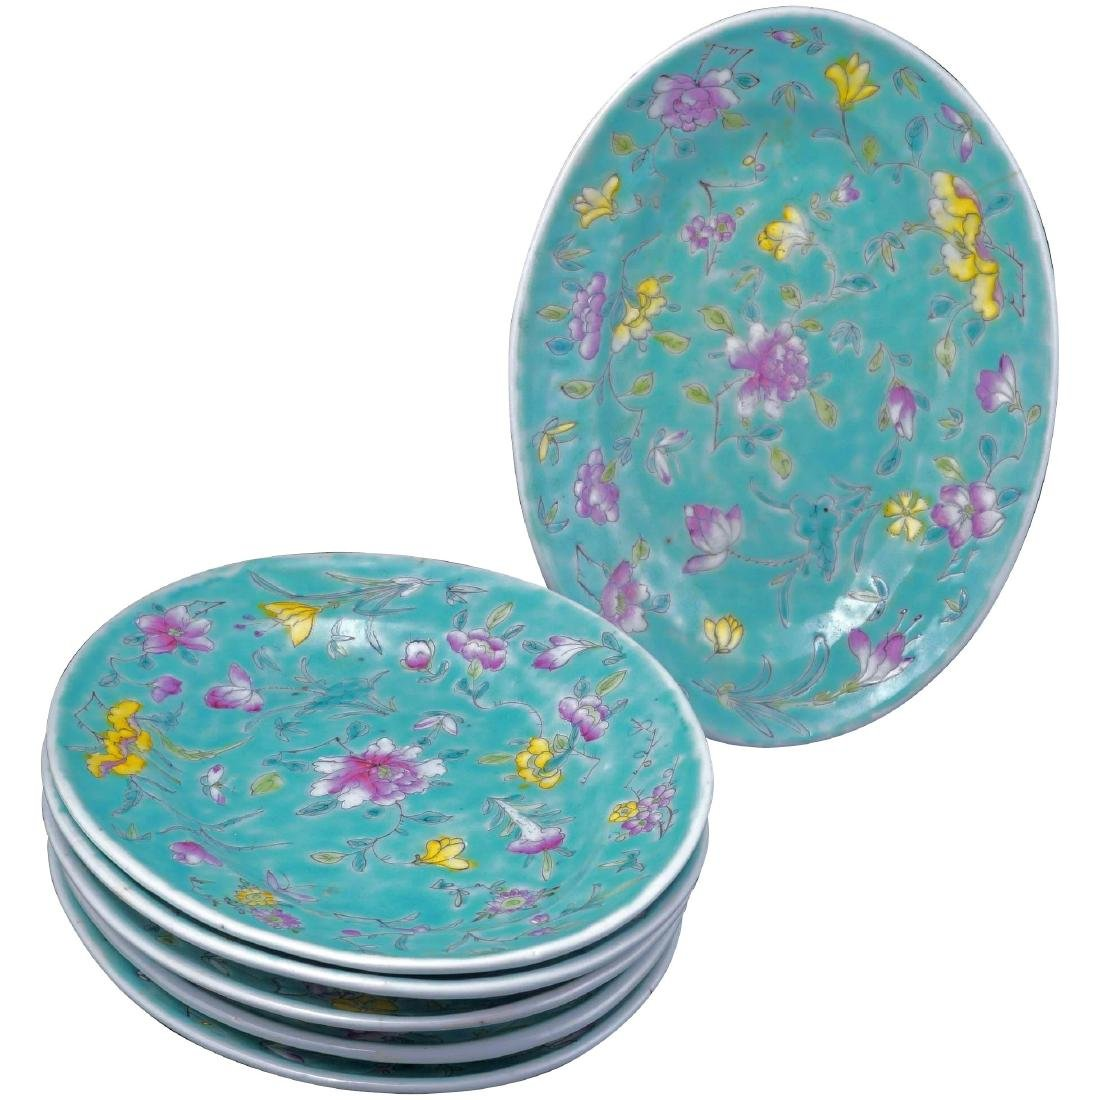 Set of 6 Chinese turquoise over glaze enamel porcelain